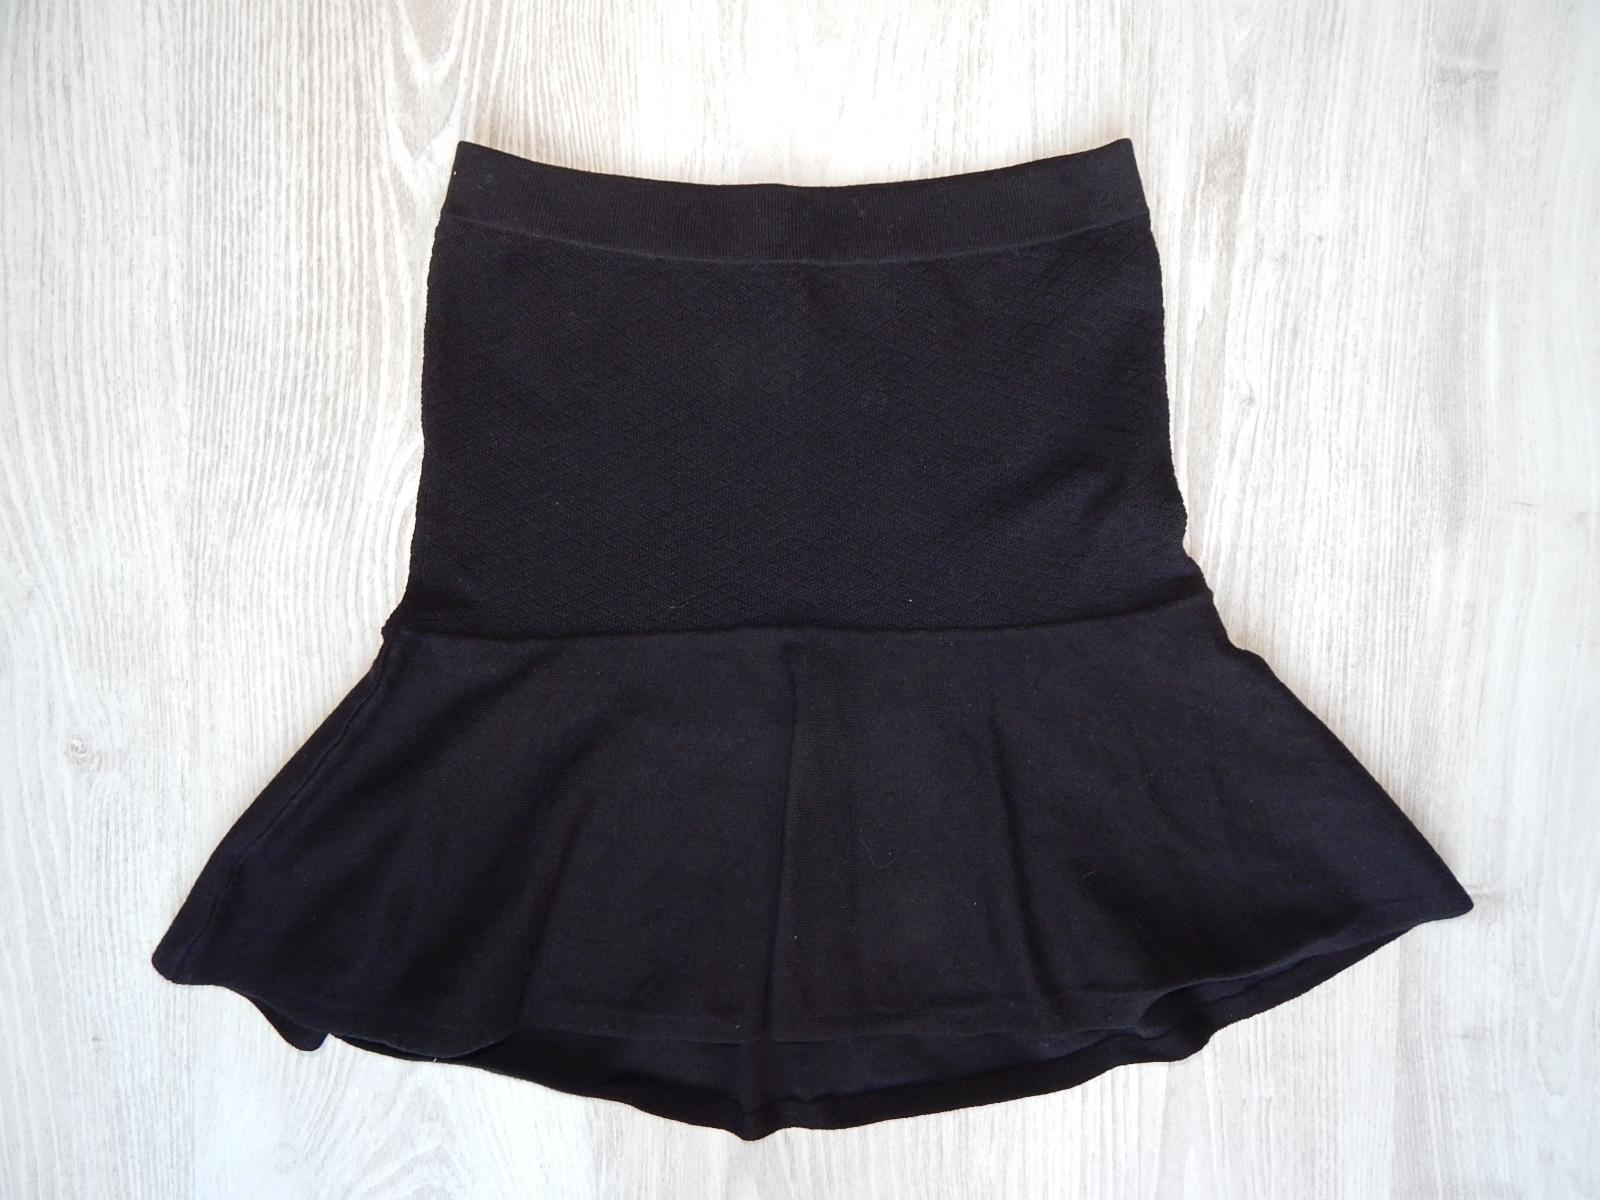 Termékek · Lány ruhák · 158-164 (13-14 év) · Fekete pamut fodros Next  szoknya 7b0ca416b6